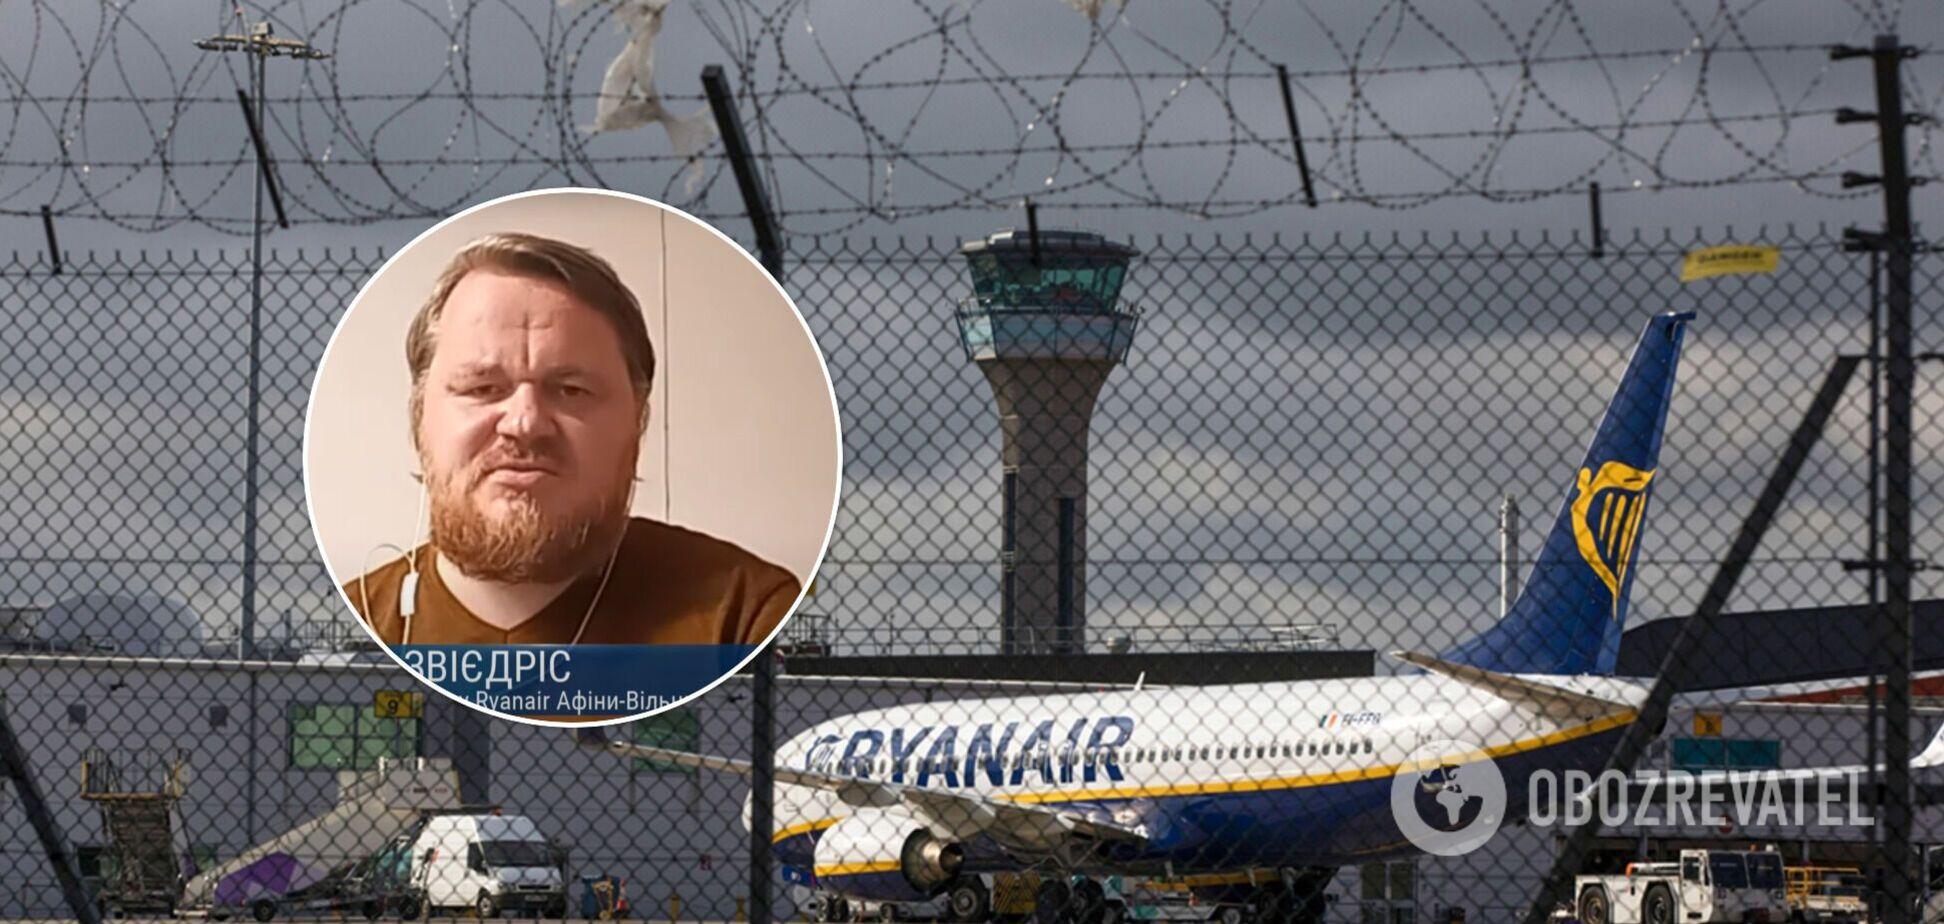 Пассажир Ryanair привел доводы, почему на борту рейса Афины-Вильнюс не было бомбы